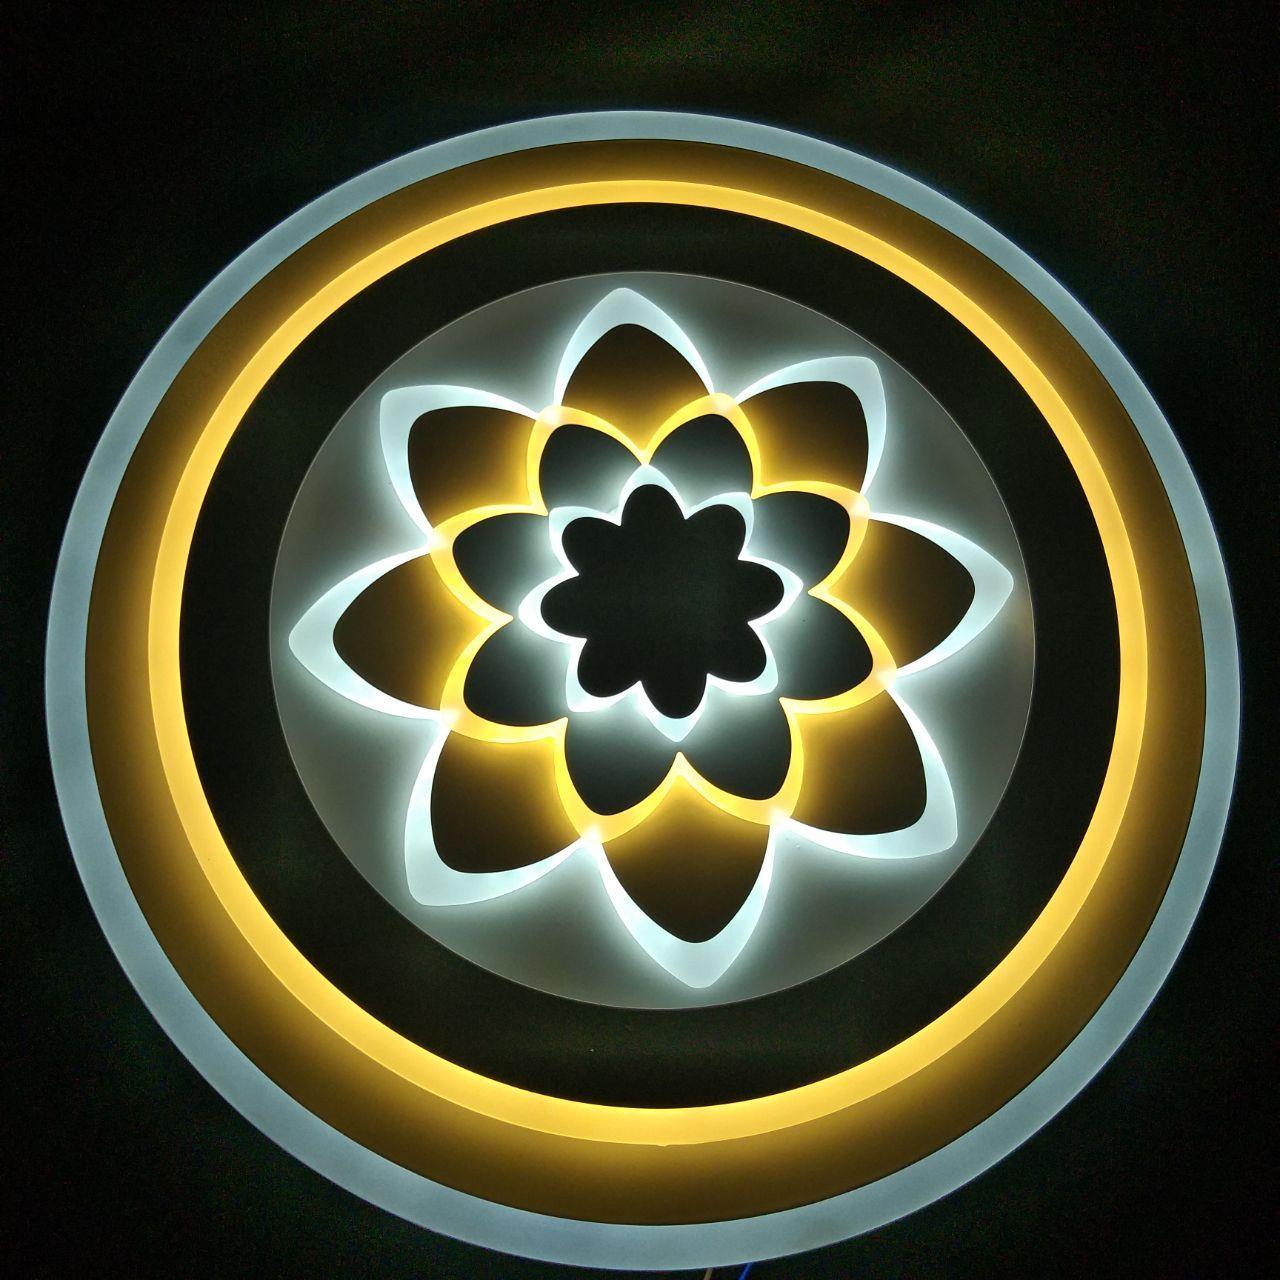 Люстра LED потолочная JLY-085 D500 99W+99W